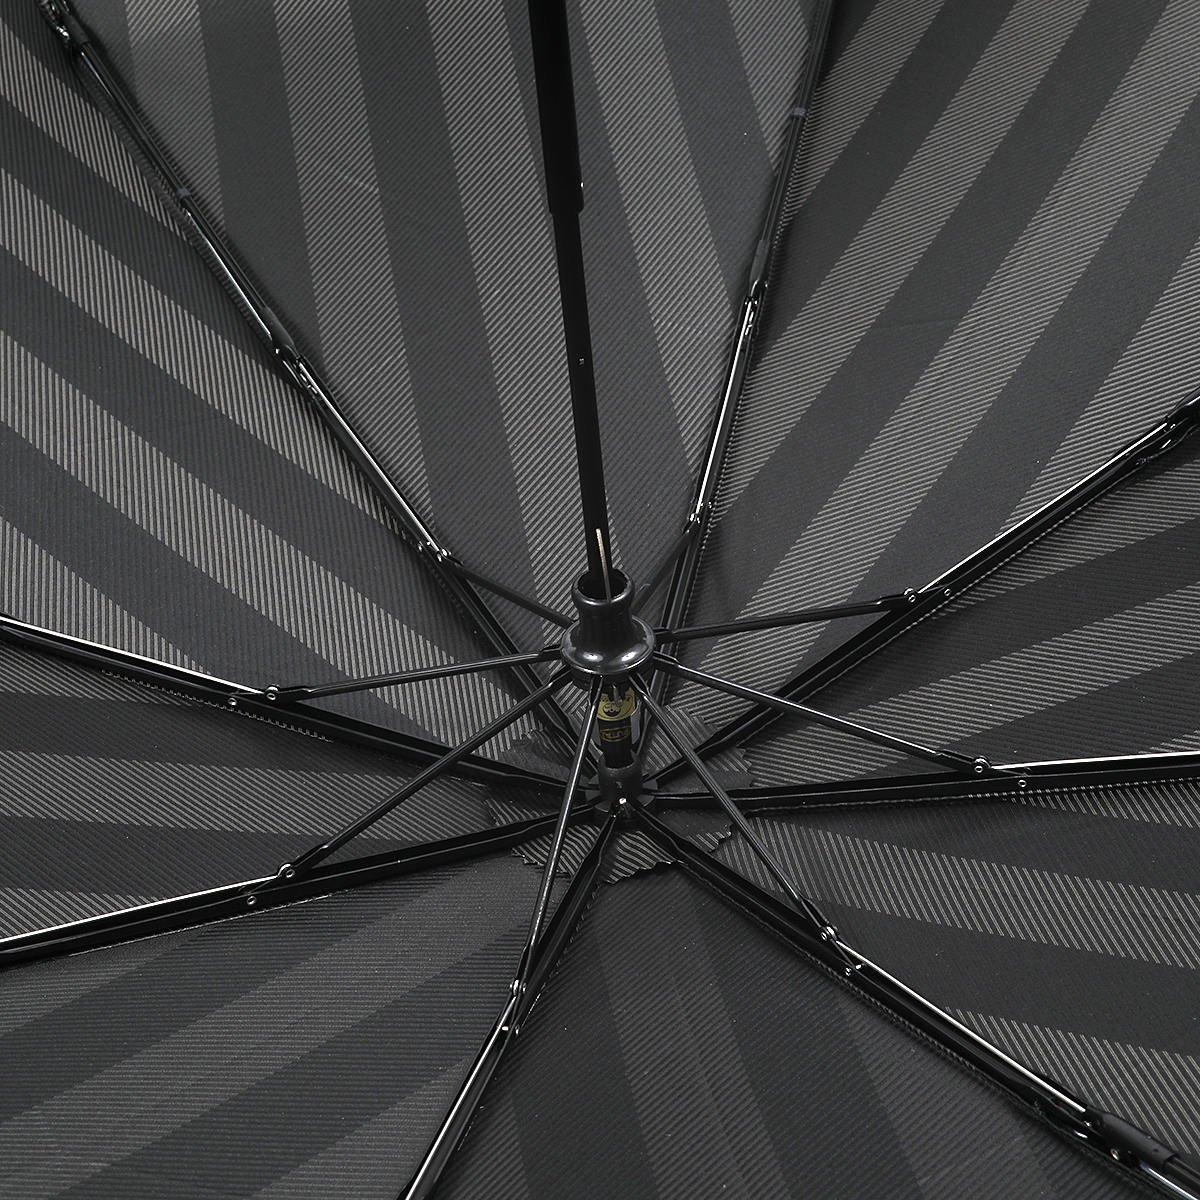 【公式限定】ワイドストライプ 耐風骨 折りたたみ傘 詳細画像6